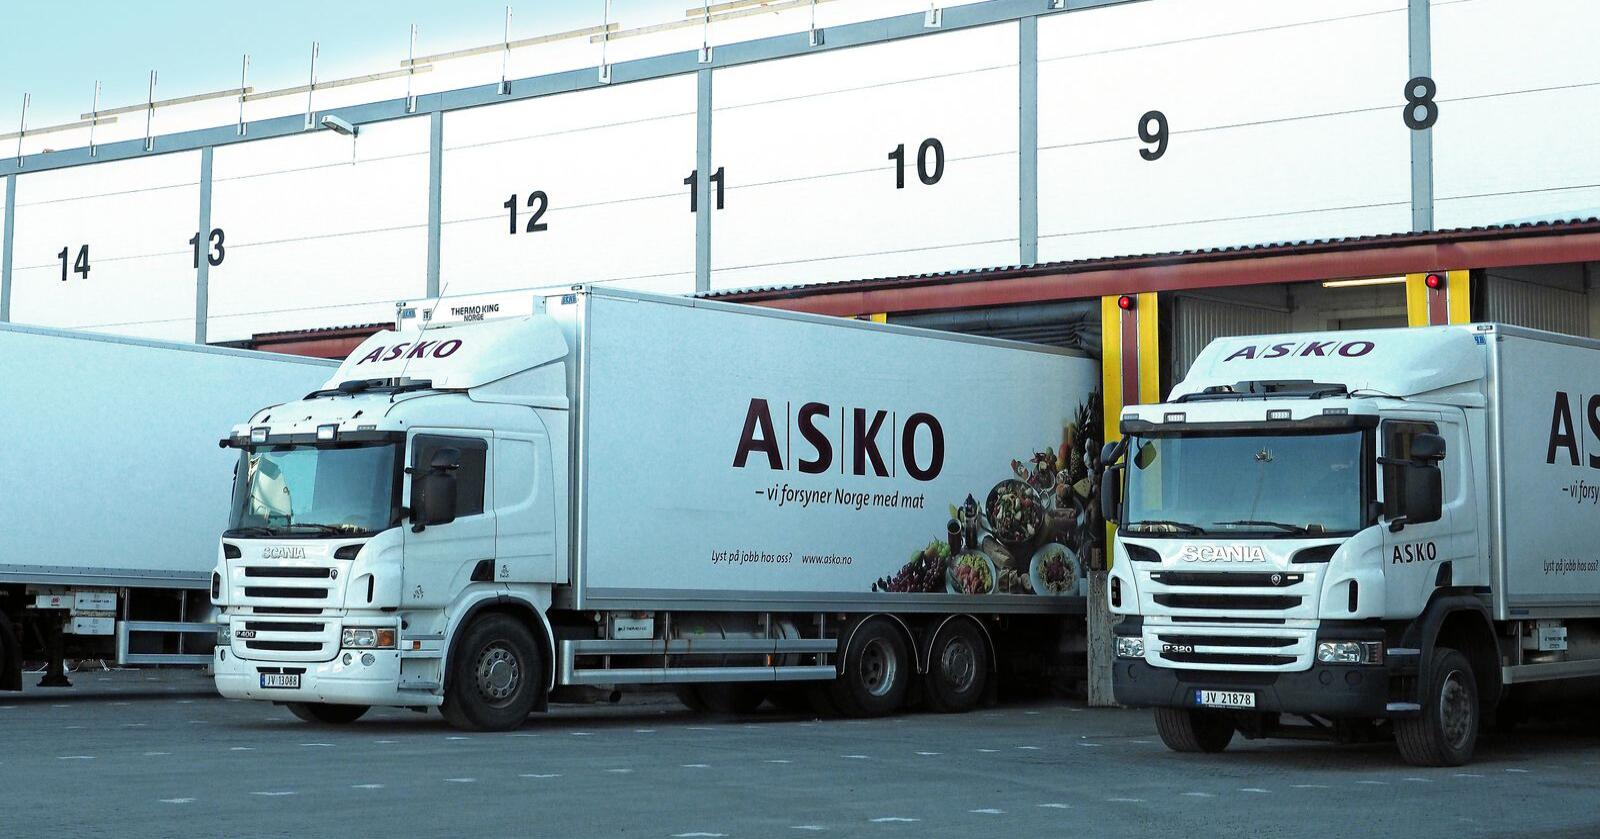 Asko leverer blant annet en rekke matvarer over hele landet. Foto: Siri Juell Rasmussen